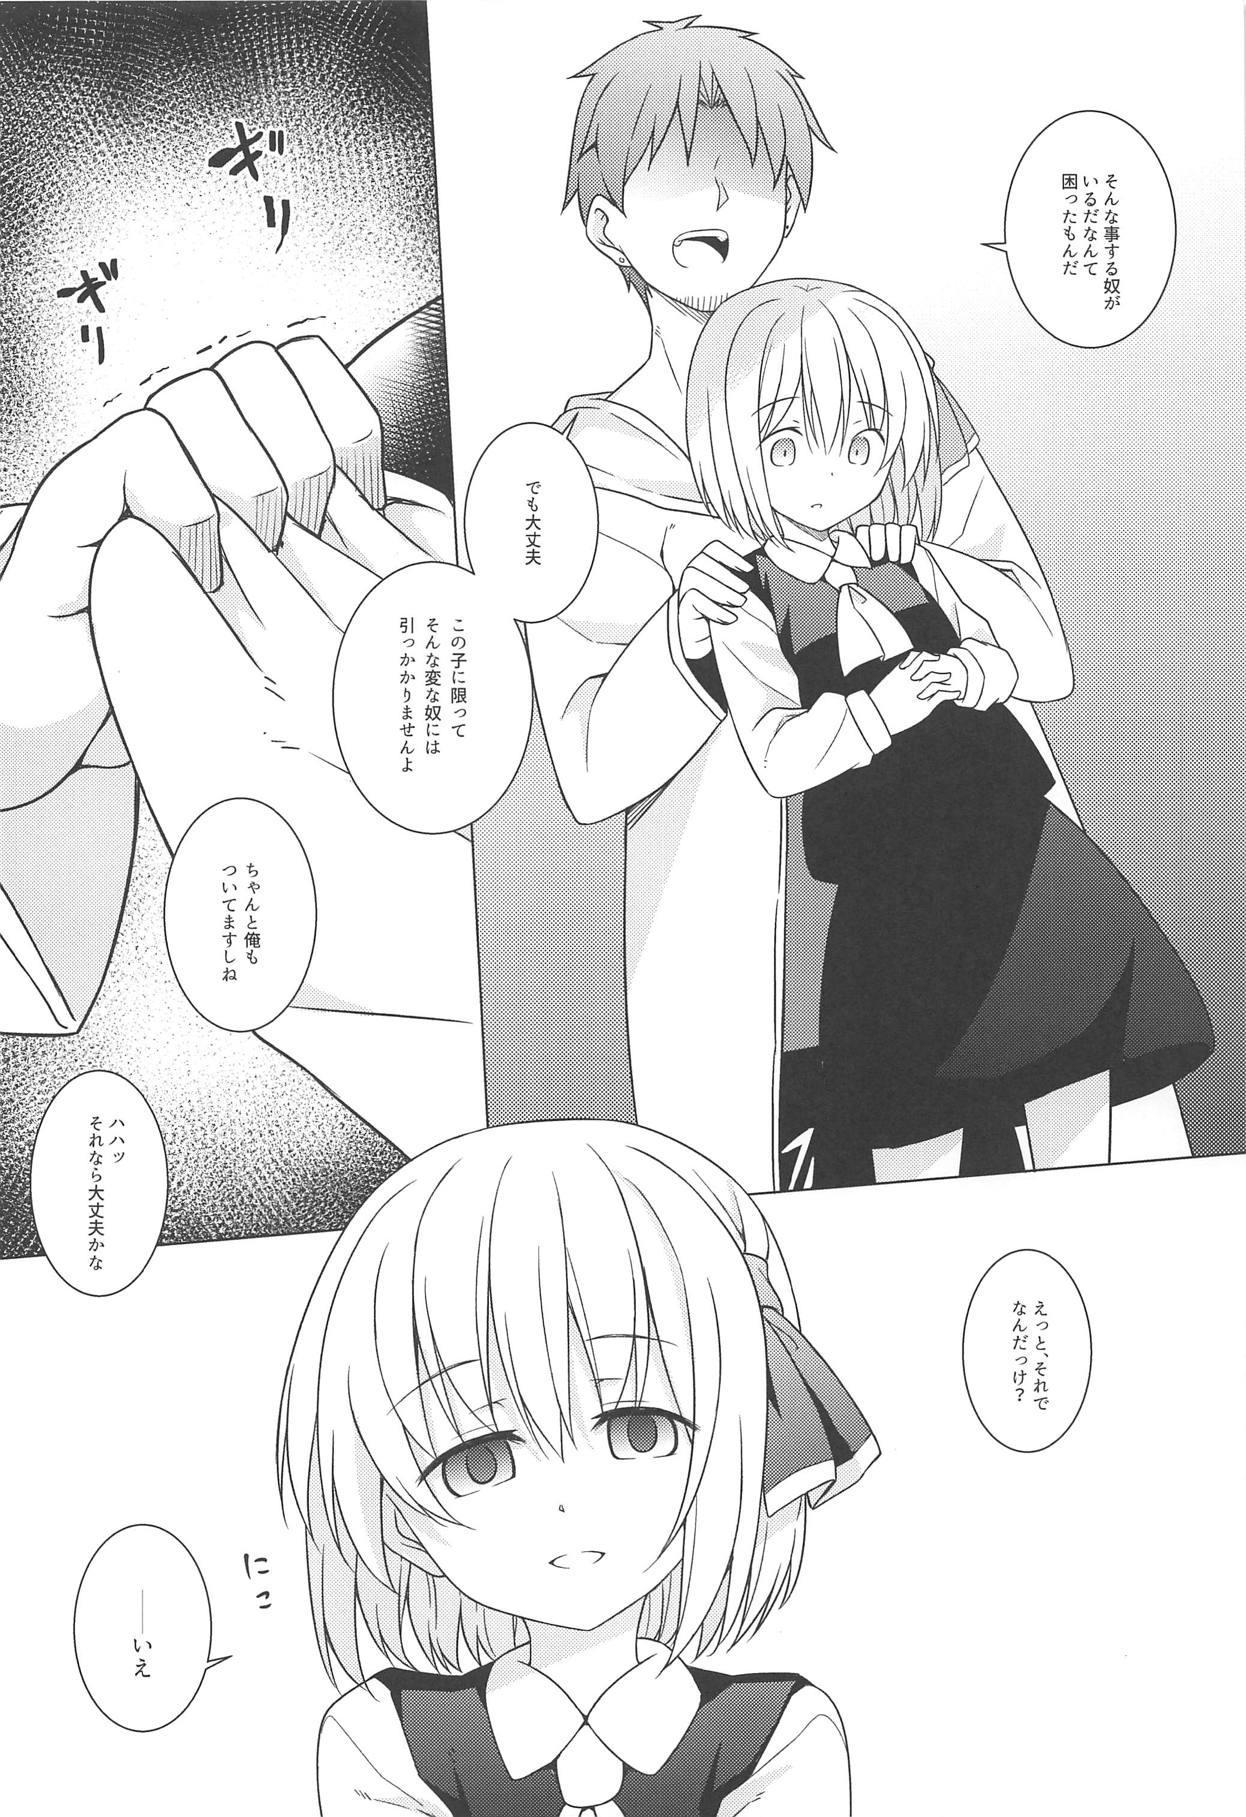 Kimi wa Ore no Cos Uriko Nin 8